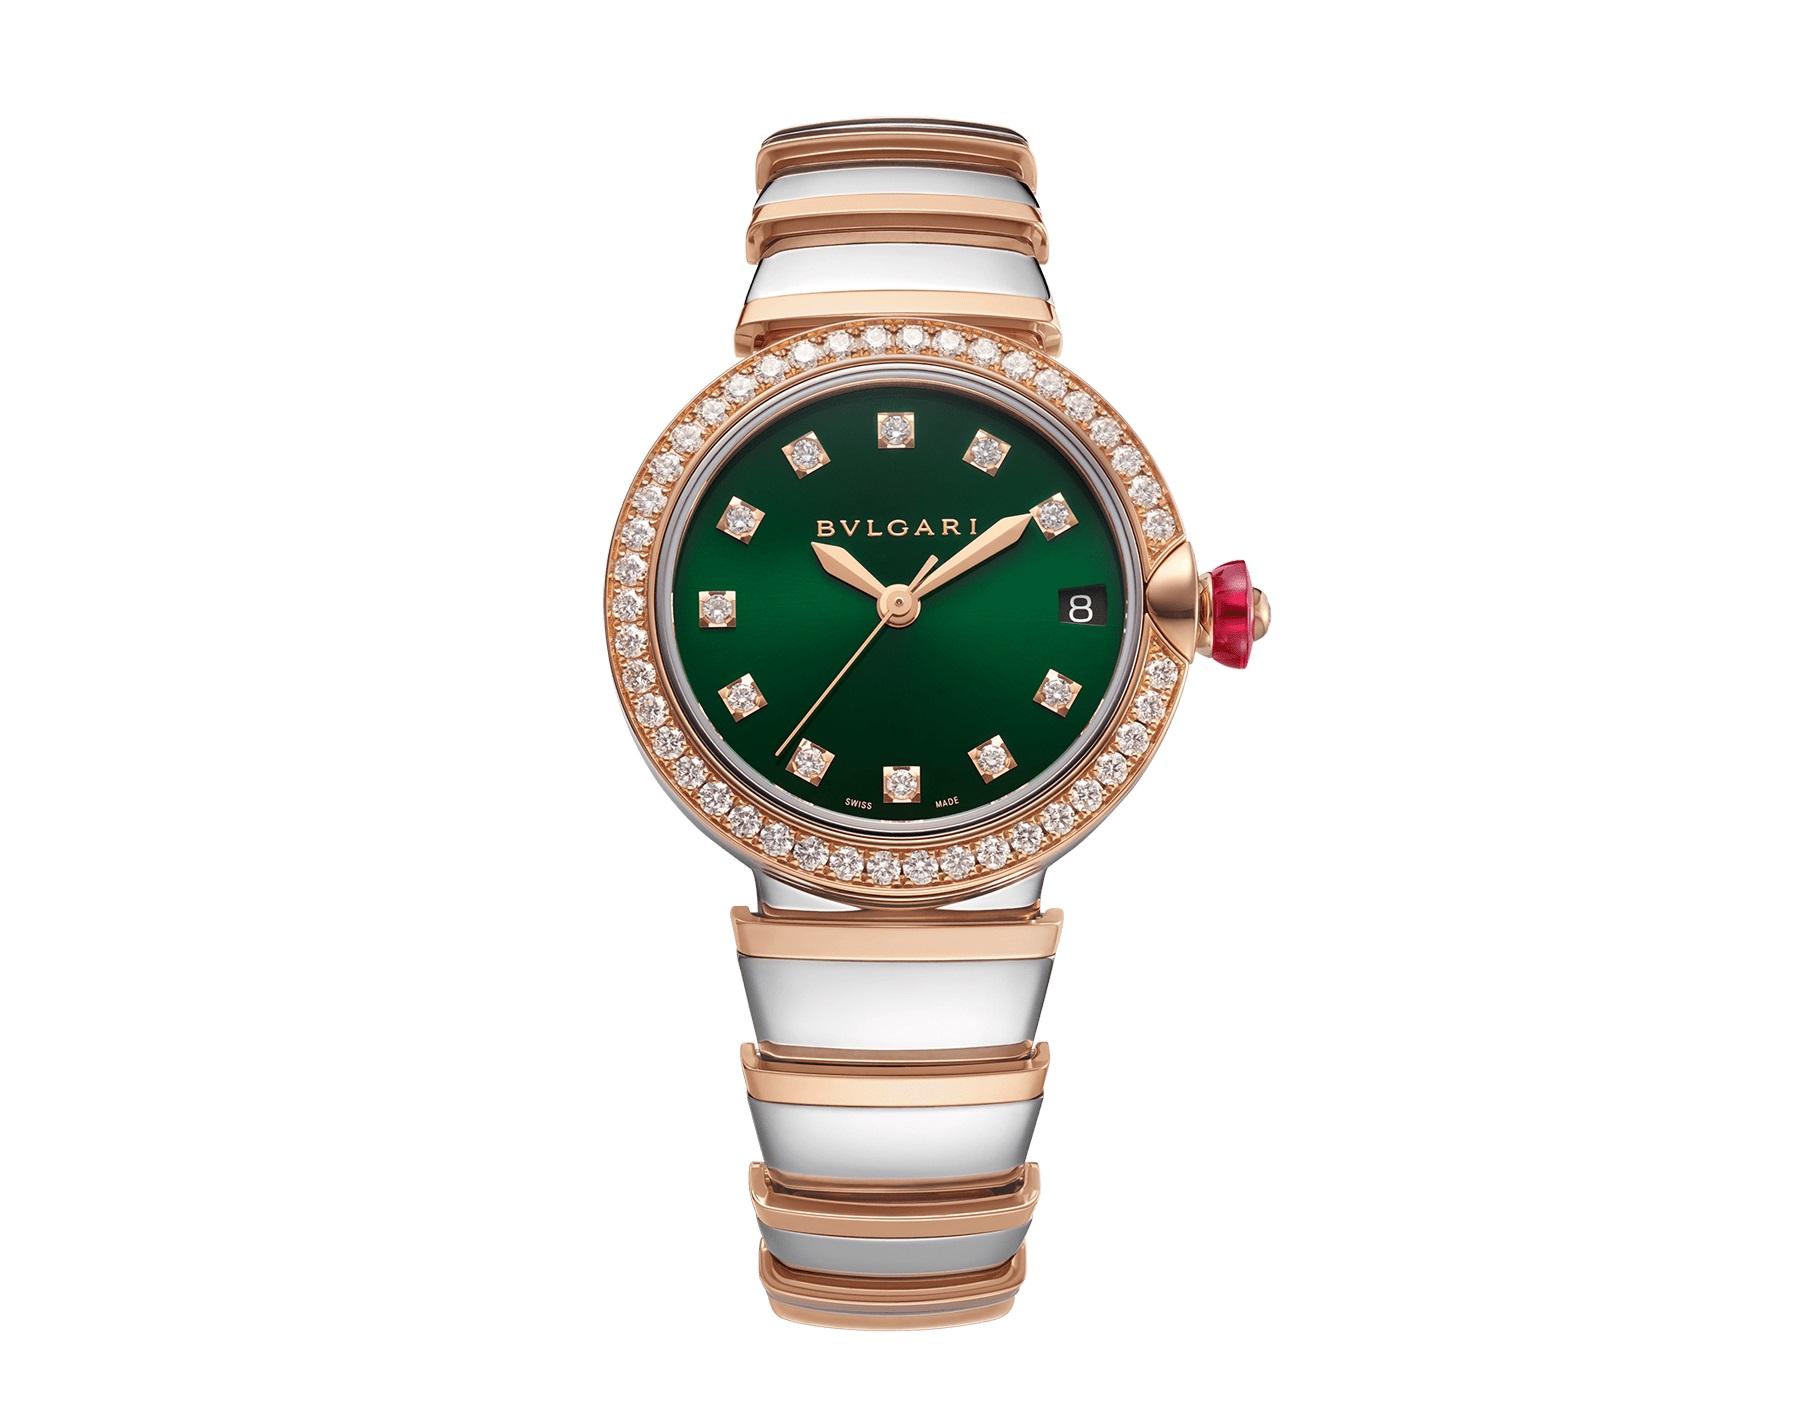 ساعة خضراء من بولغاري Bvlgari